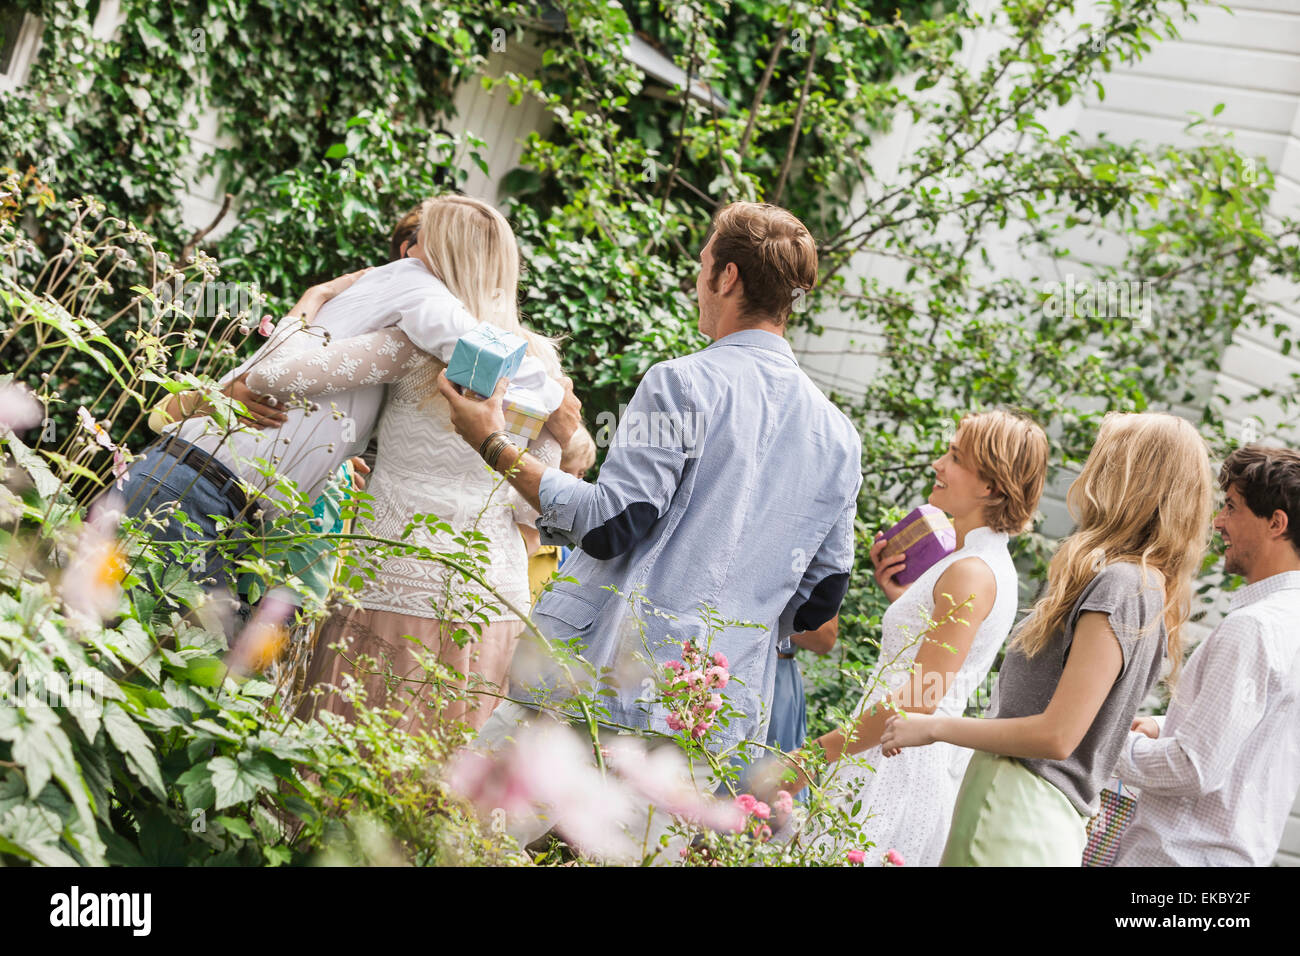 Coppia matura saluto famiglia in giardino Immagini Stock